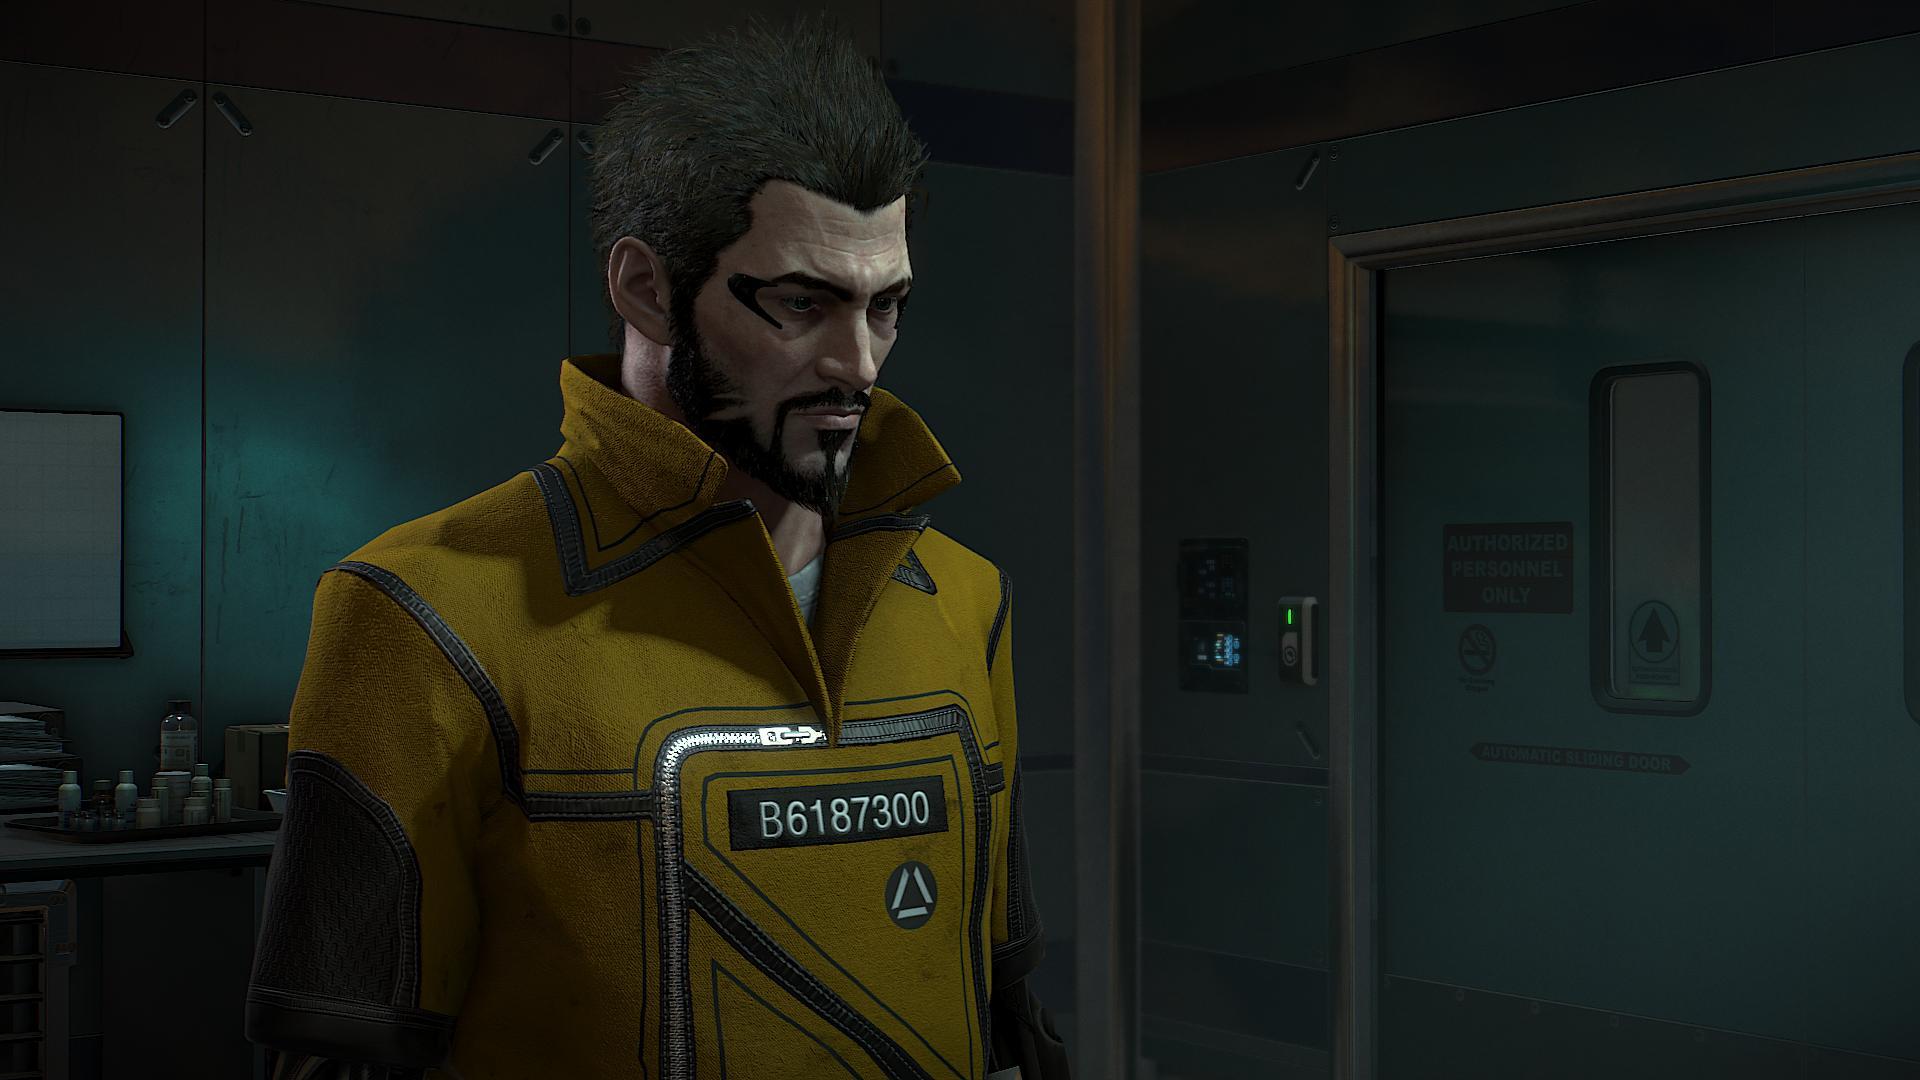 000391.Jpg - Deus Ex: Mankind Divided